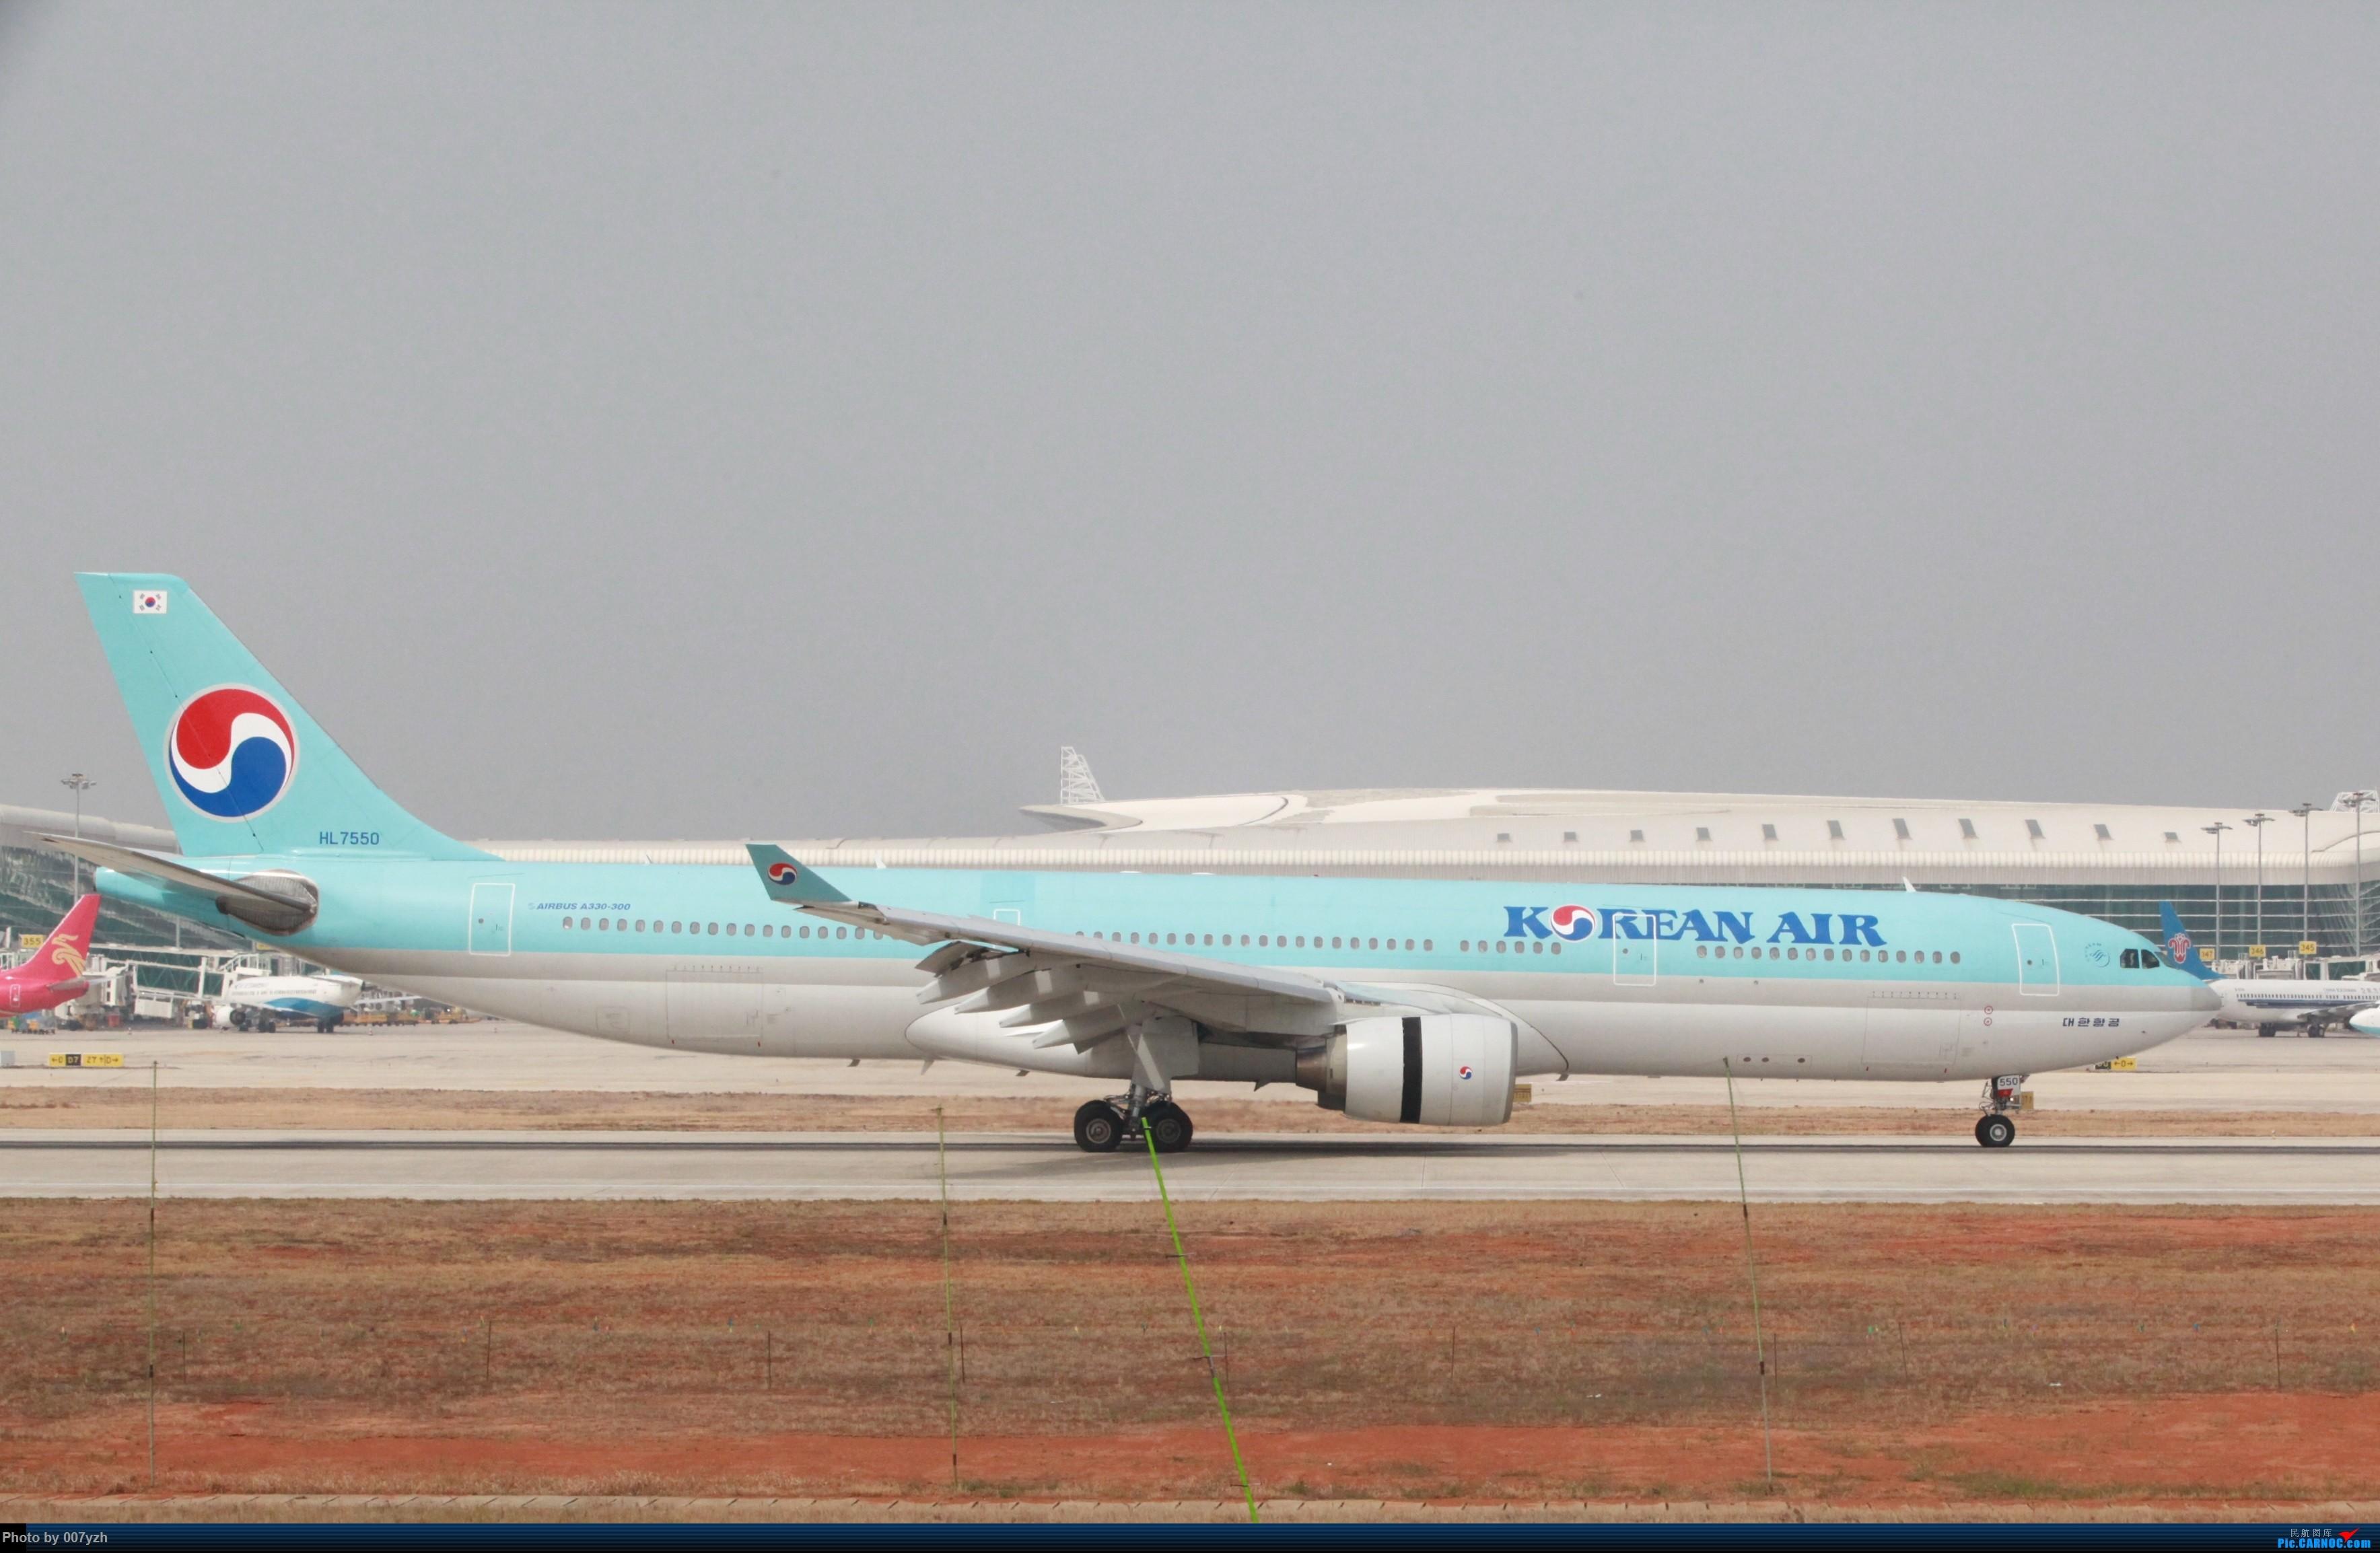 Re:[原创]WUH小拍,终于找到了在WUH拍机的组织 AIRBUS A330-300  中国武汉天河国际机场